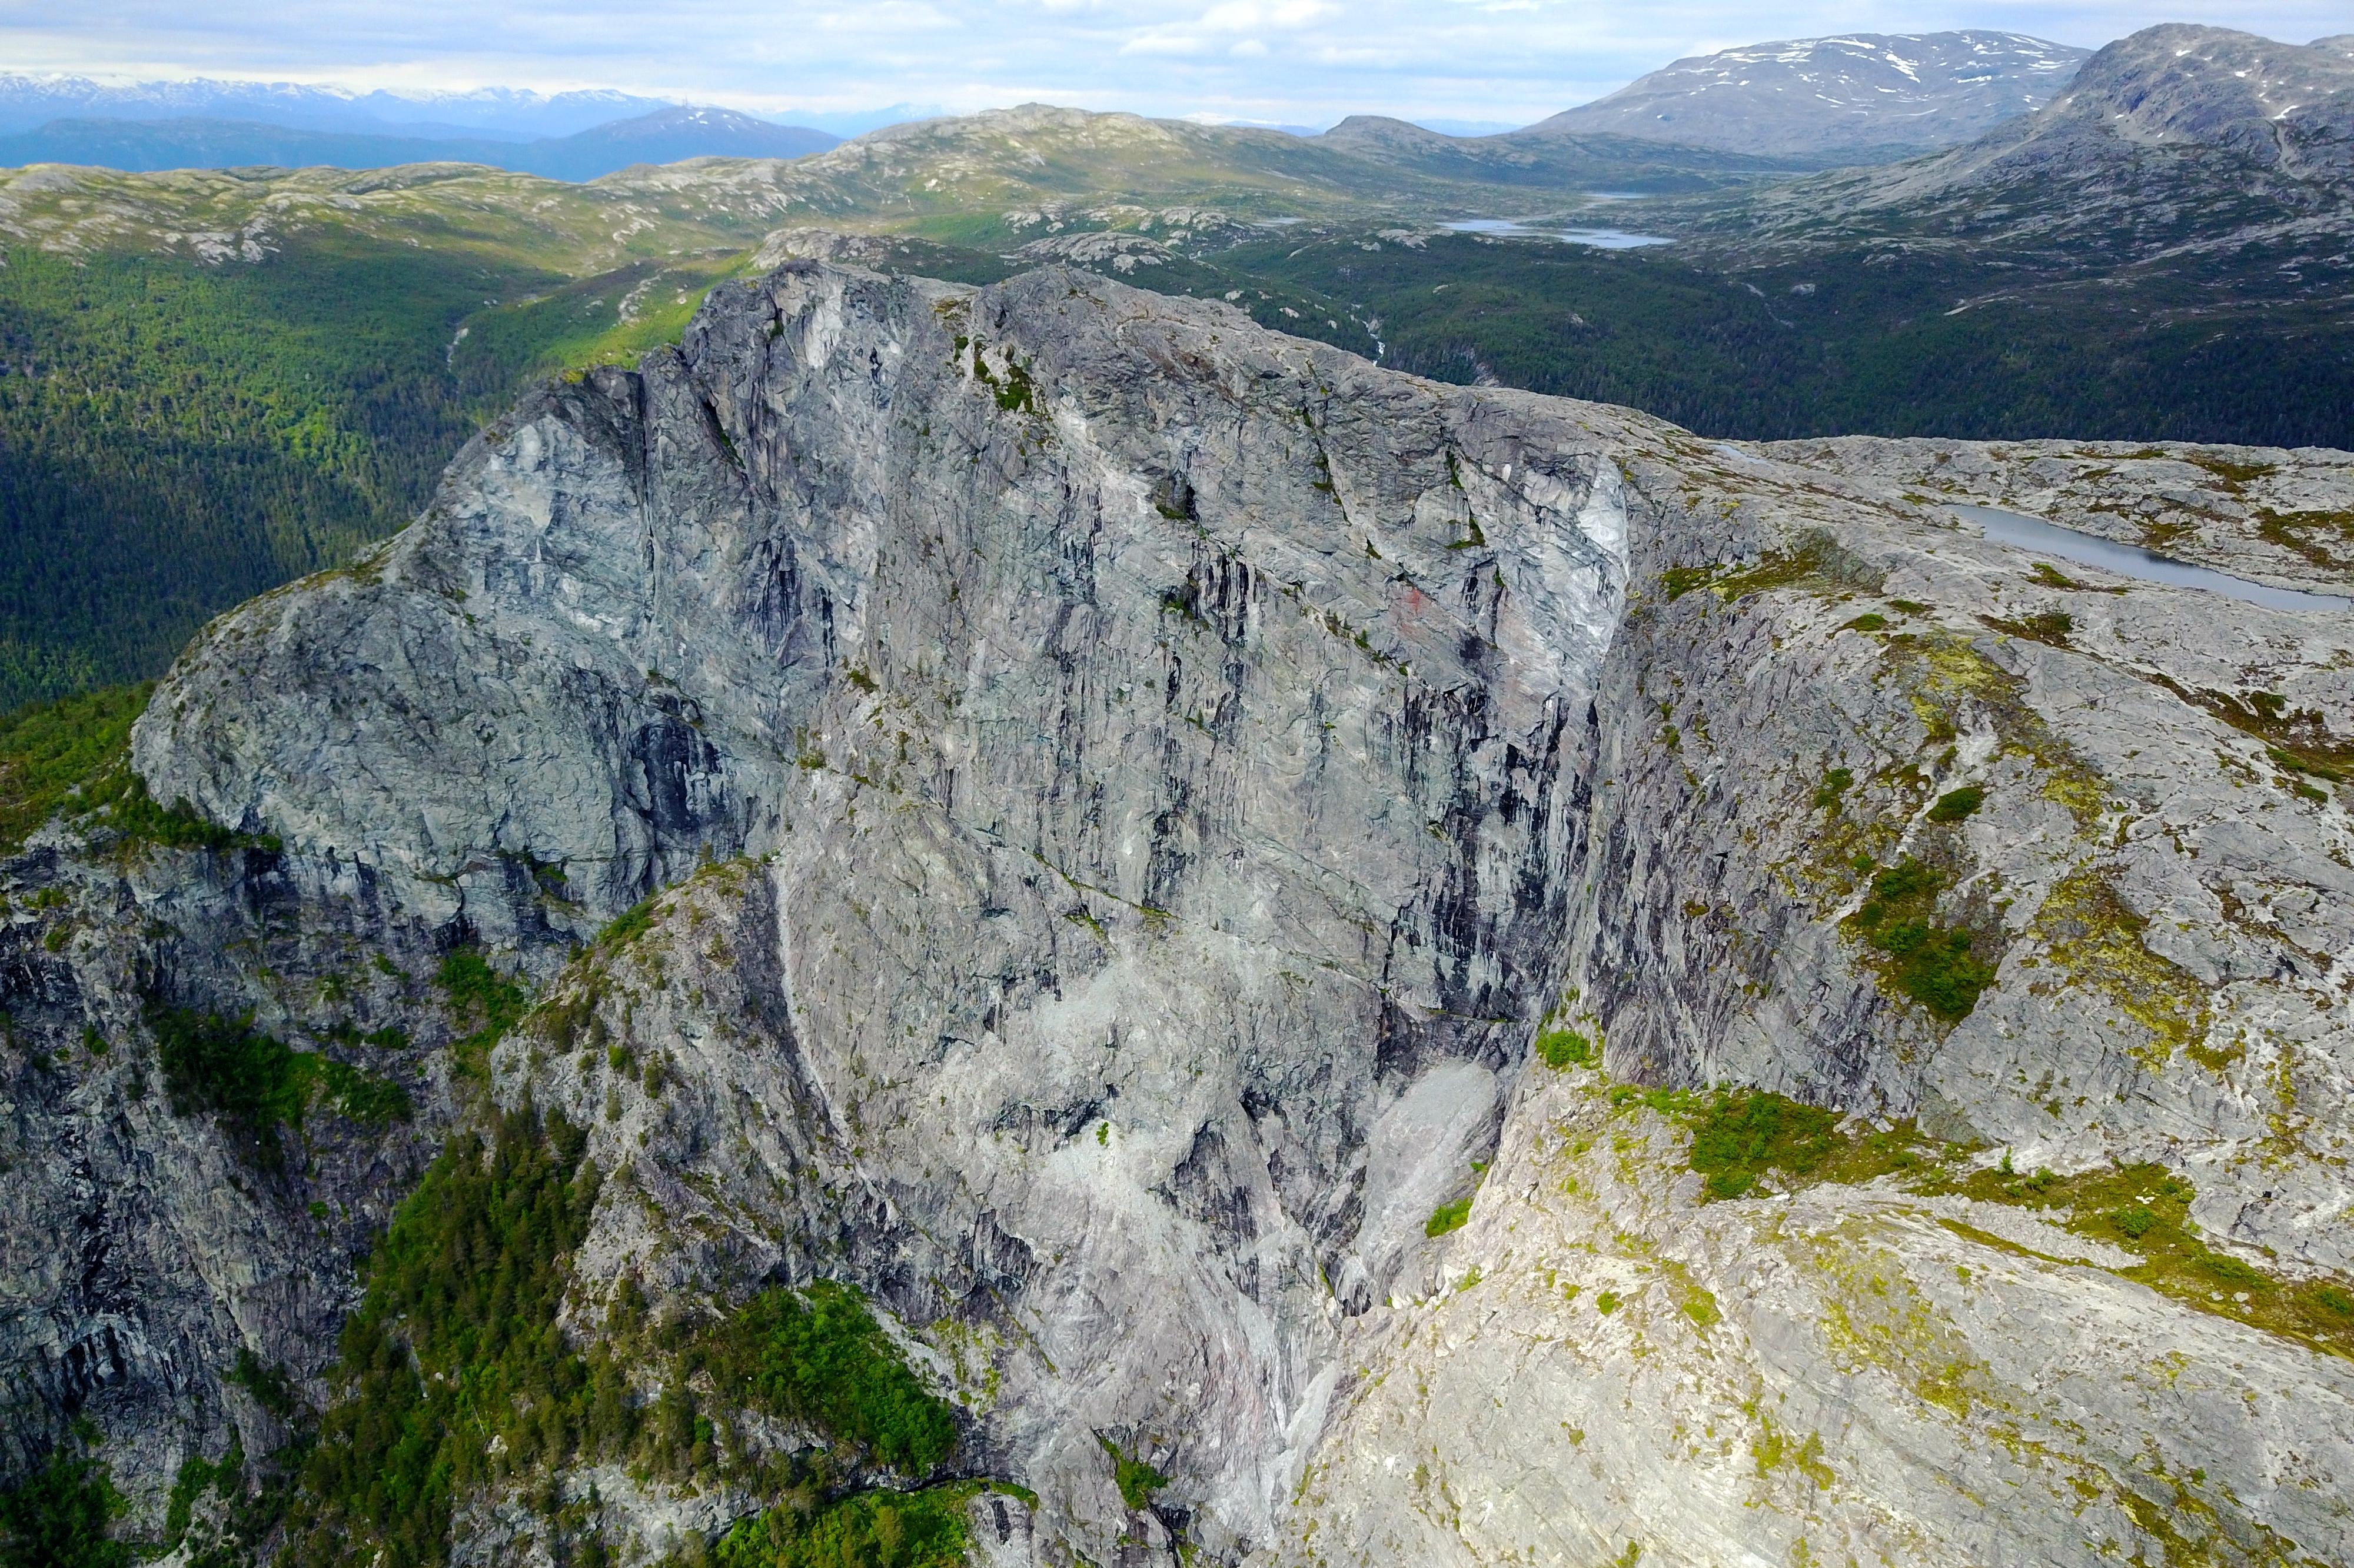 Kalvsnesnosi er en stupbratt klippe ovenfor der Aurlandsfjorden og Nærøyfjorden møtes